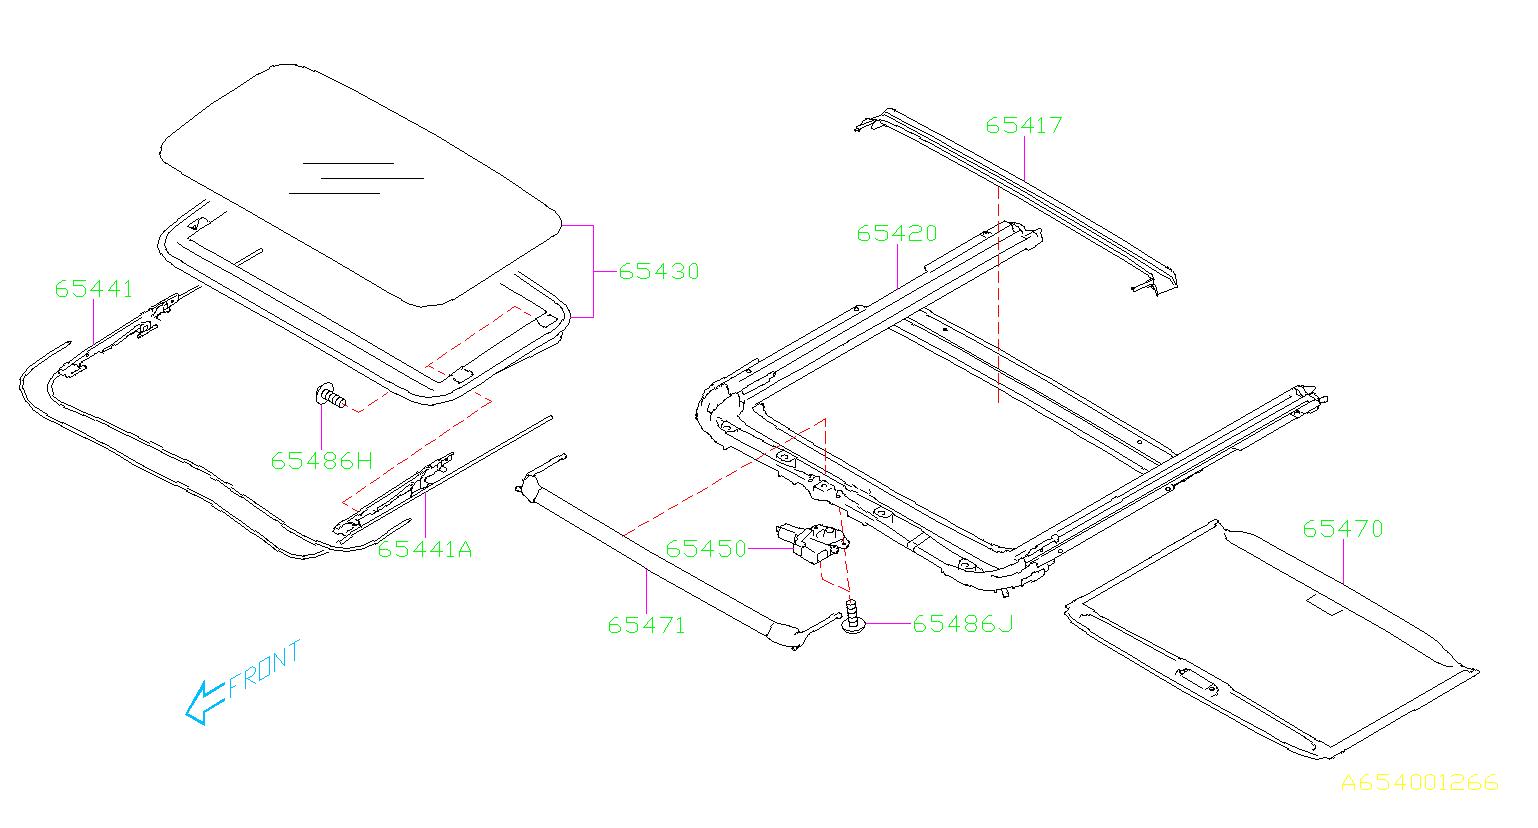 Subaru Outback Interior Parts Diagram Subaru Auto Parts